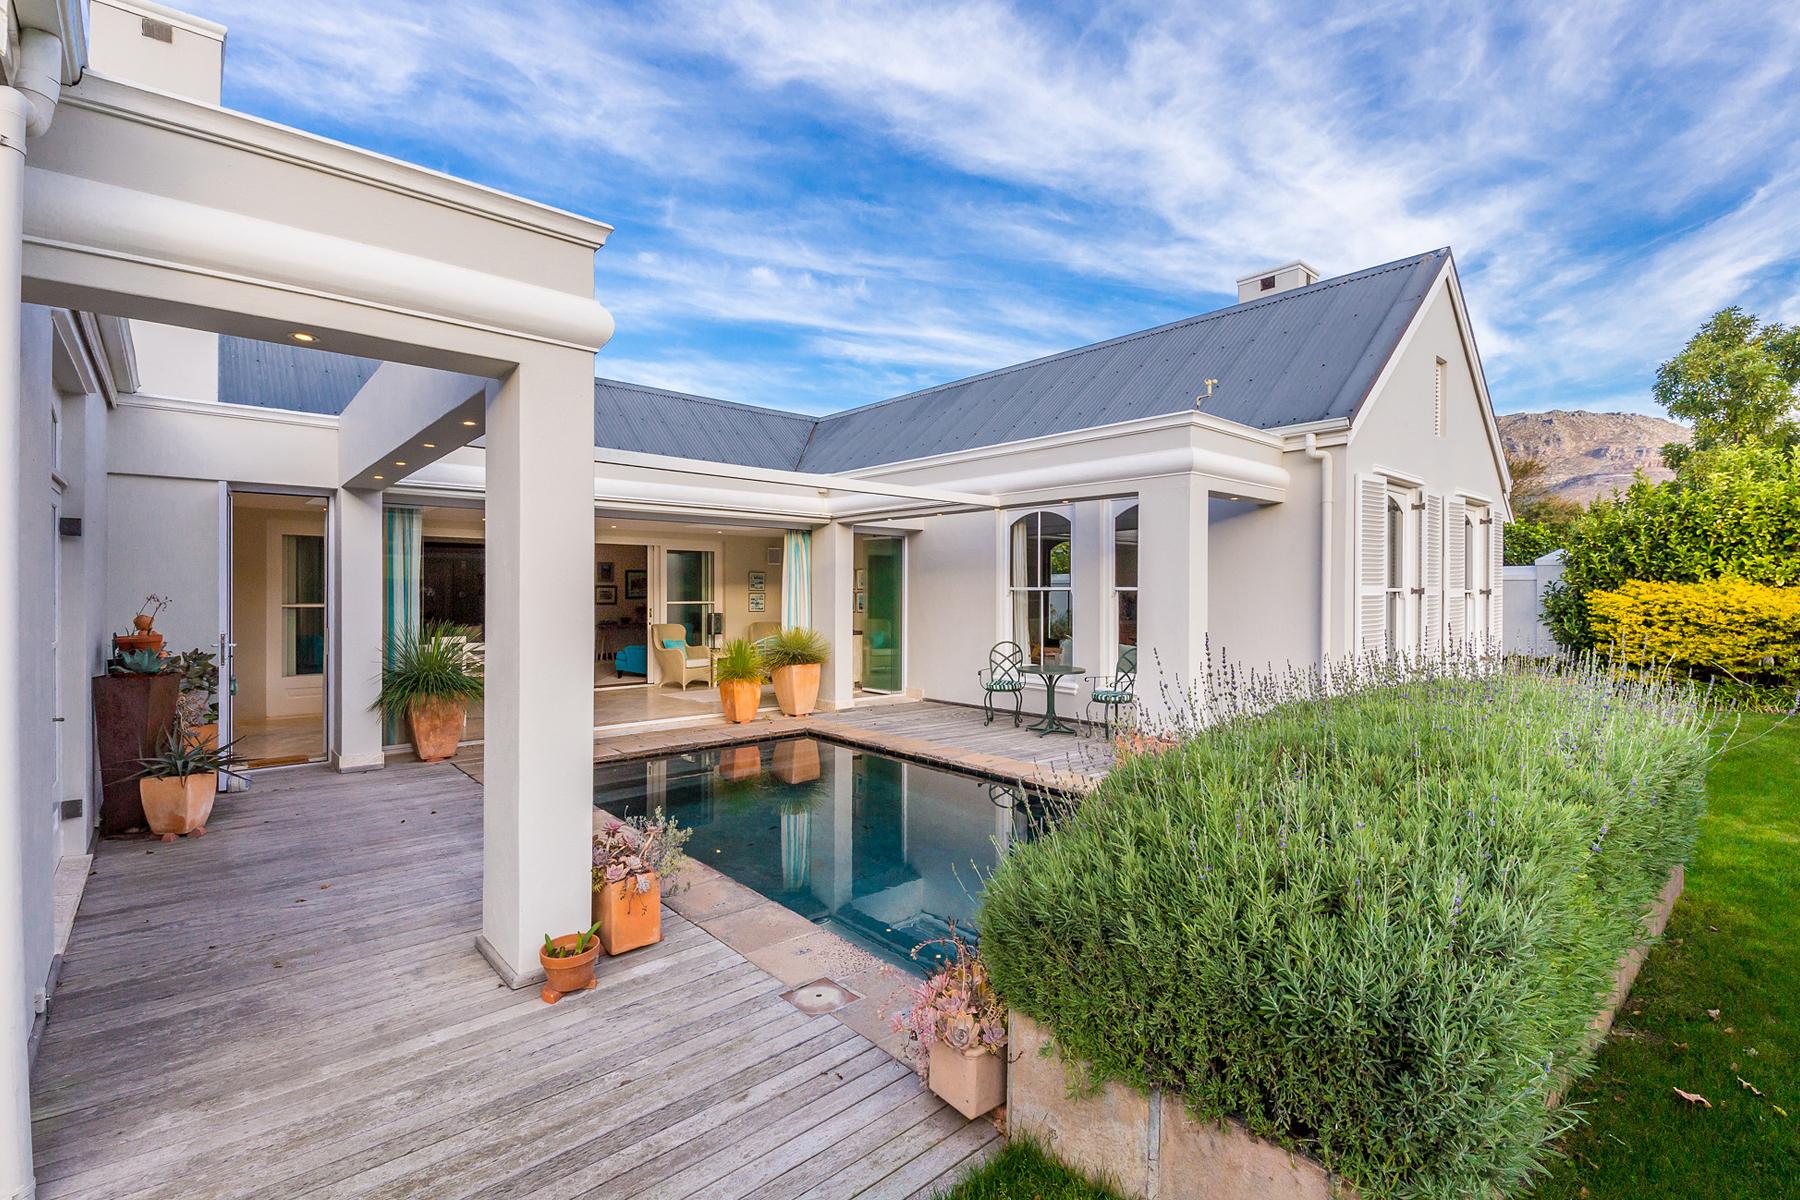 一戸建て のために 売買 アット Steenberg Golf Estate Cape Town, 西ケープ, 7945 南アフリカ